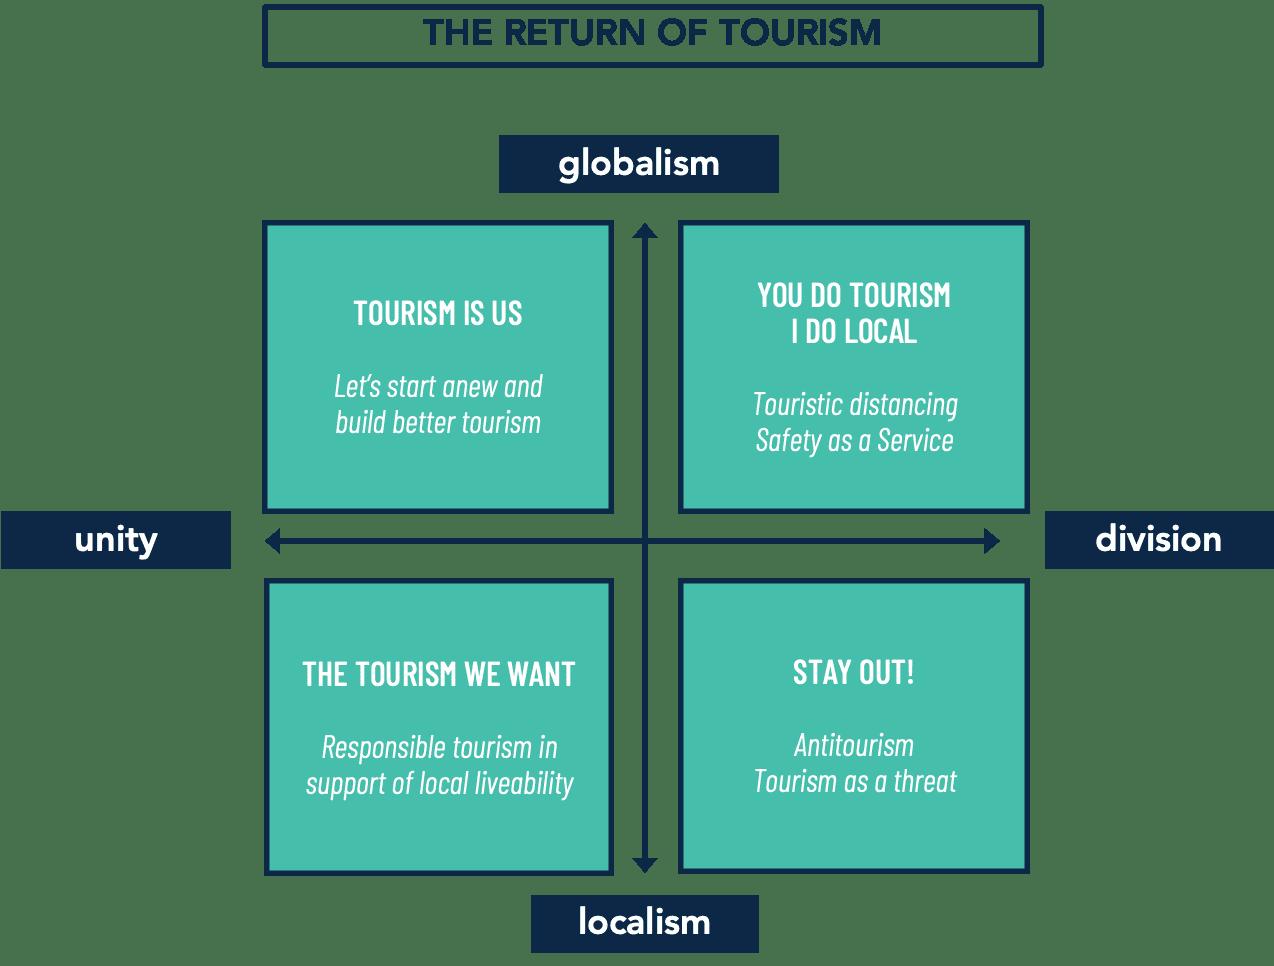 The Return of Tourism Scenarios